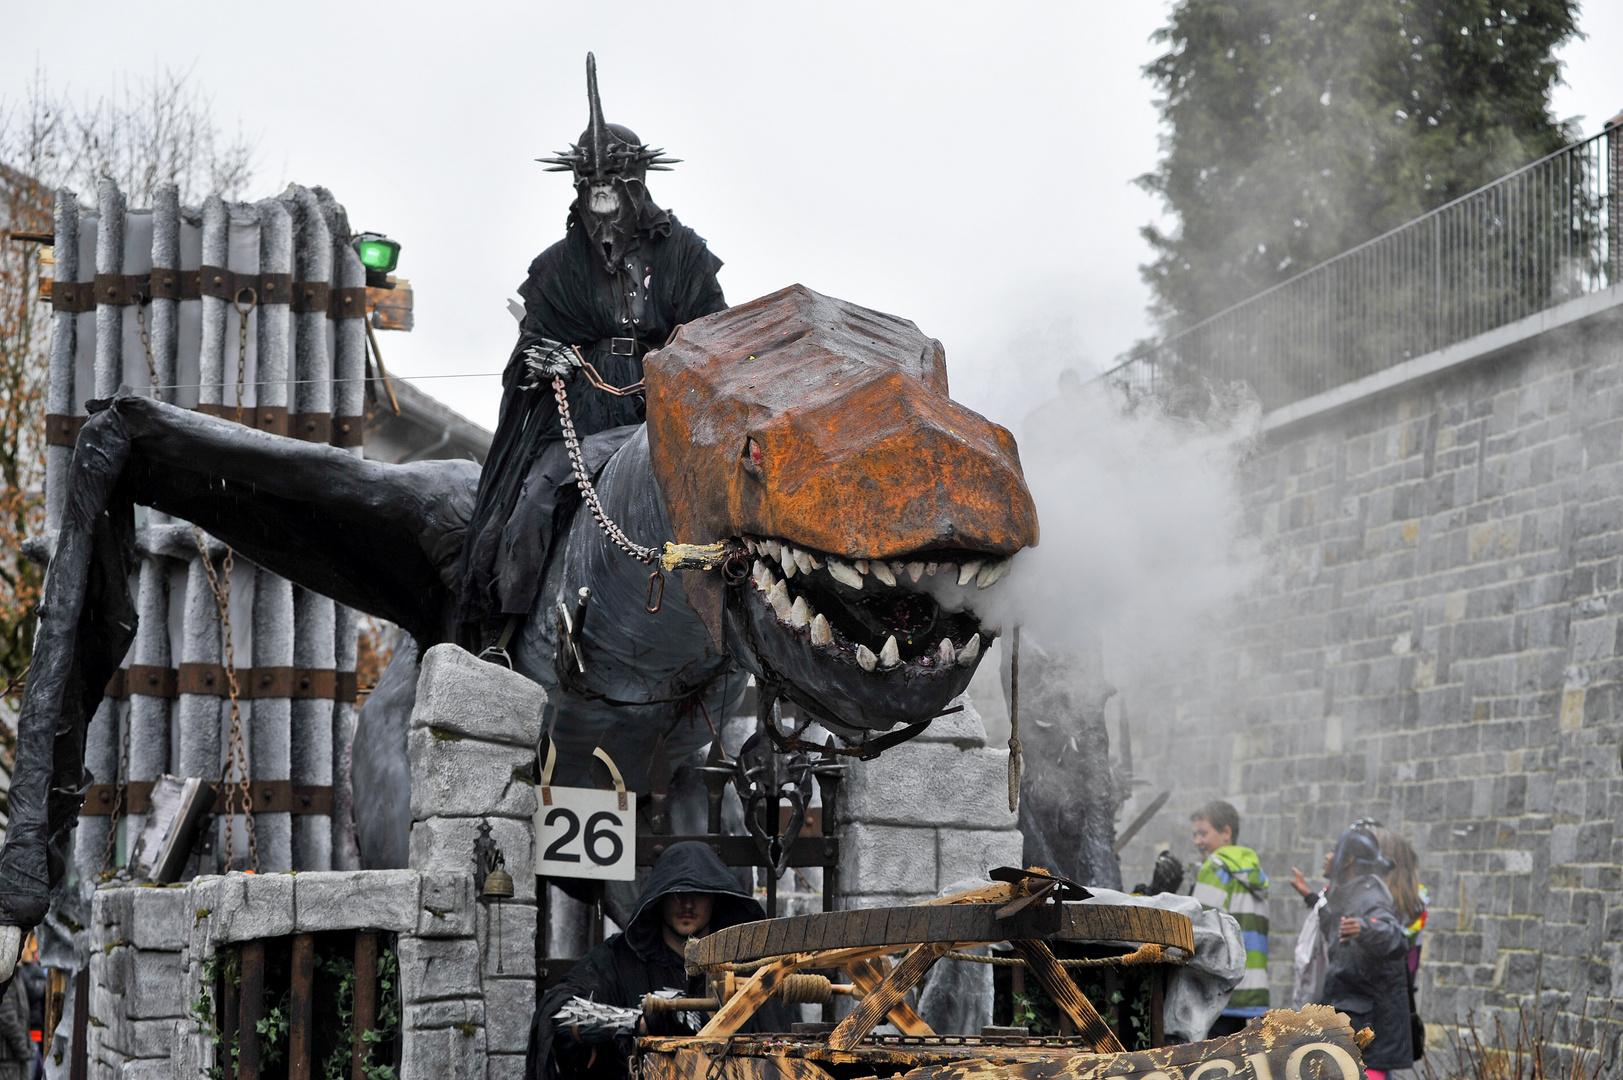 Luzerner Fasnacht - Conversio